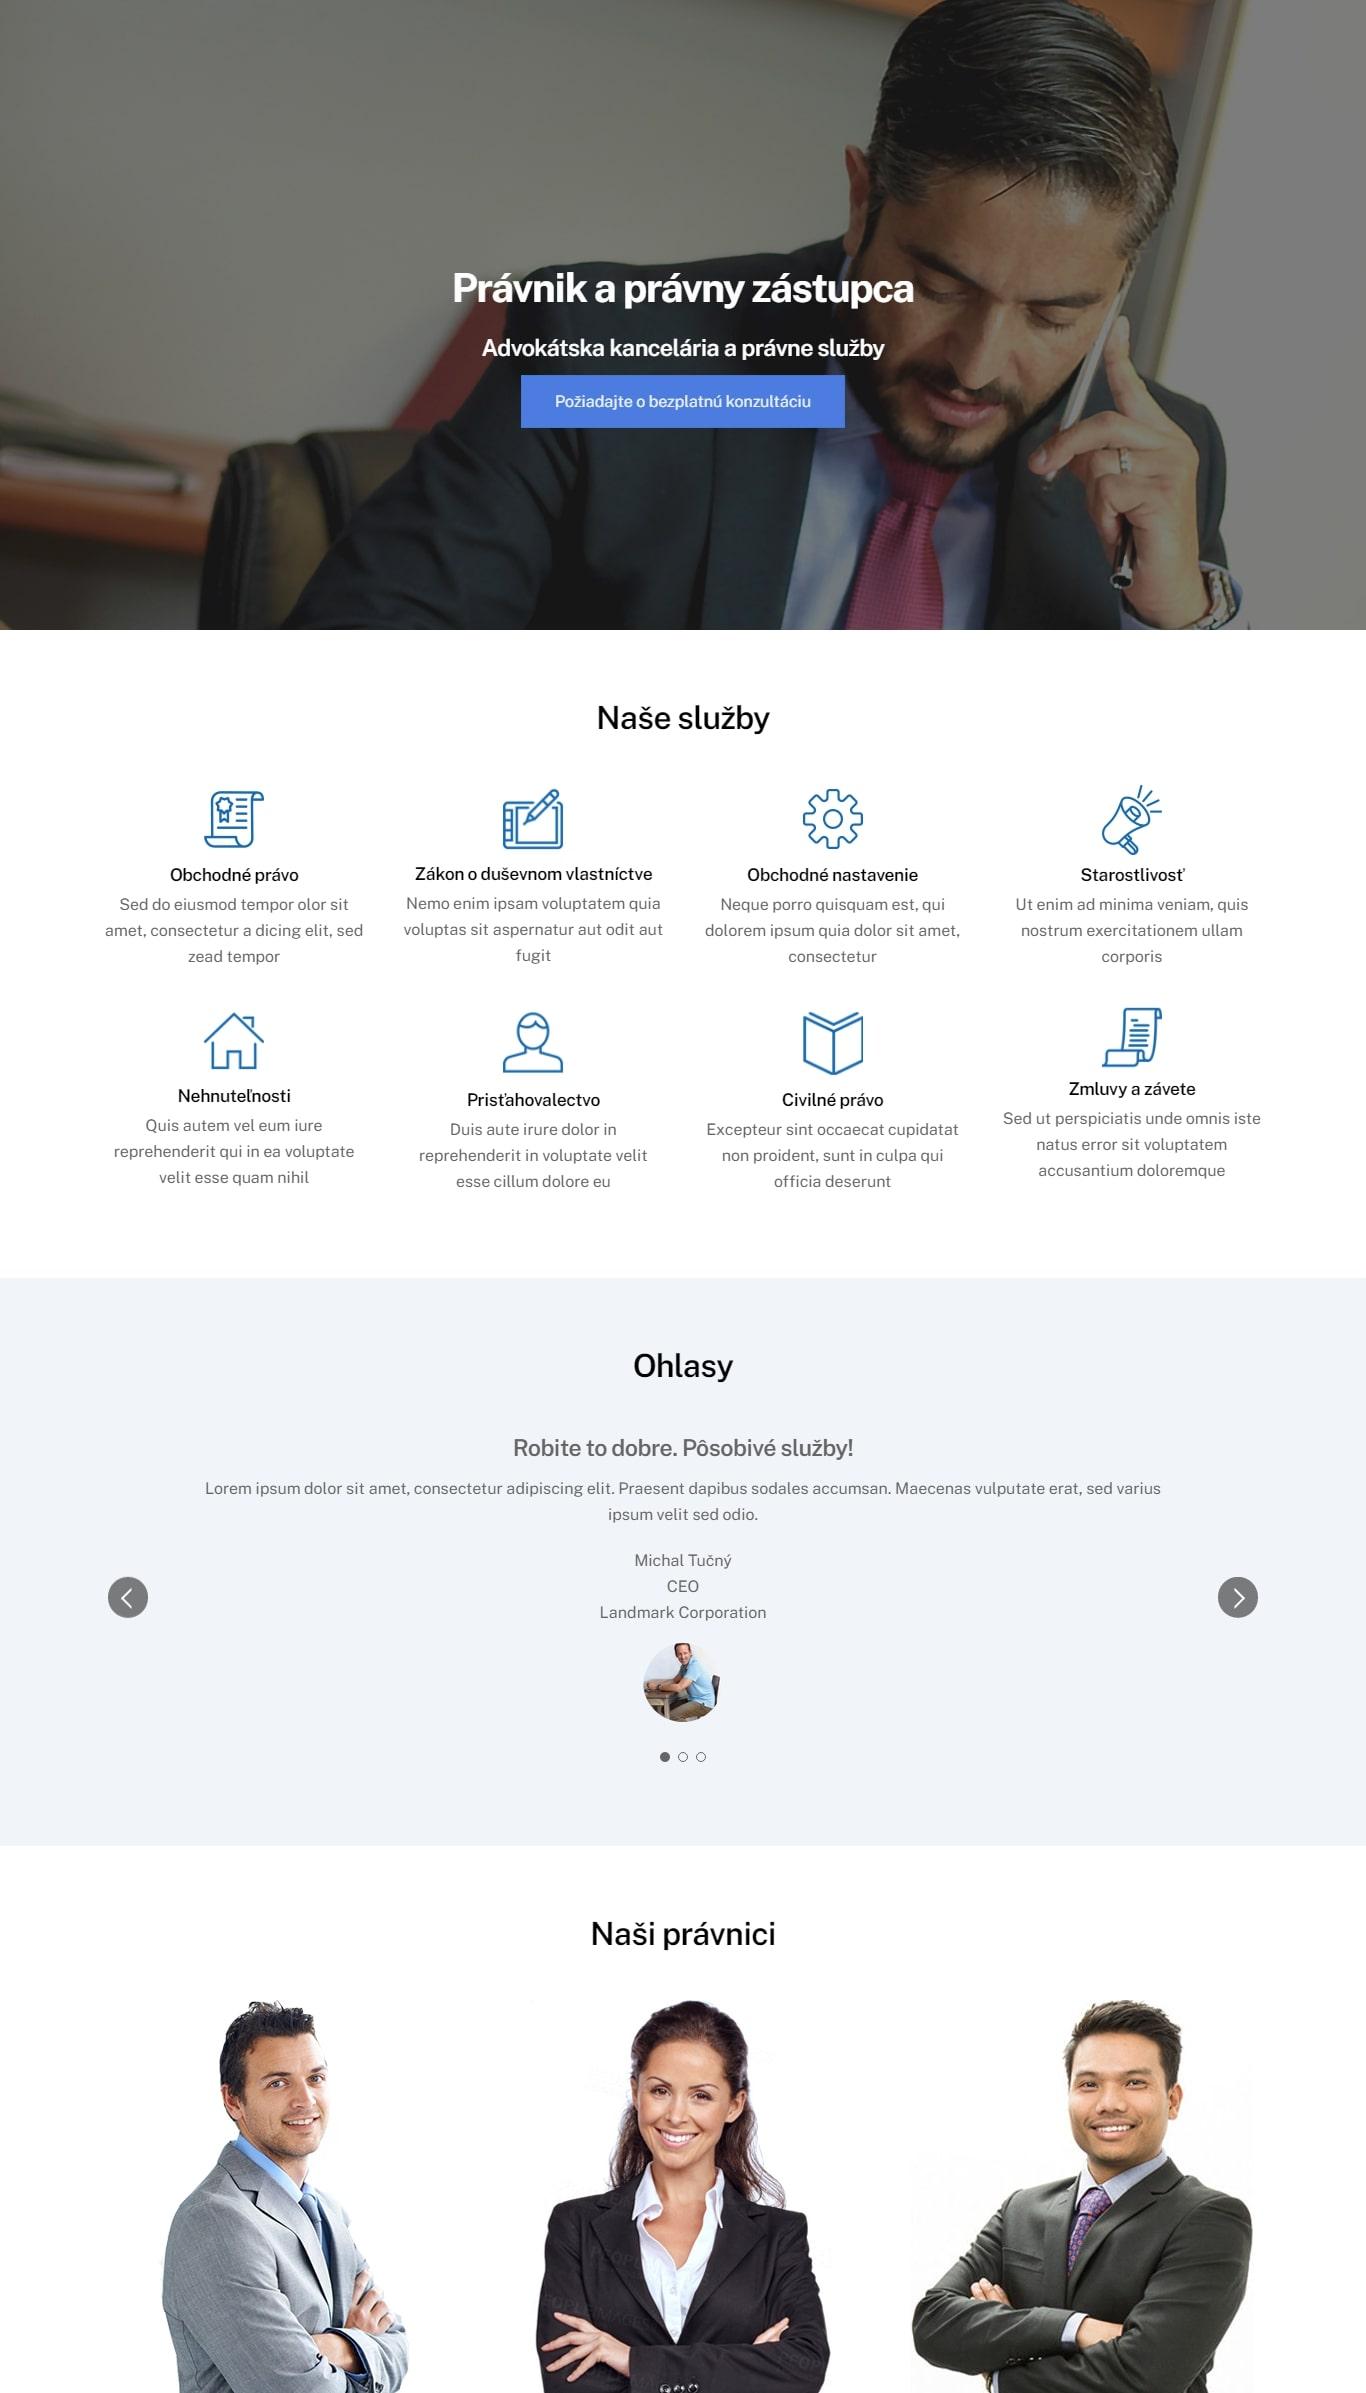 webbstránky pre biznis